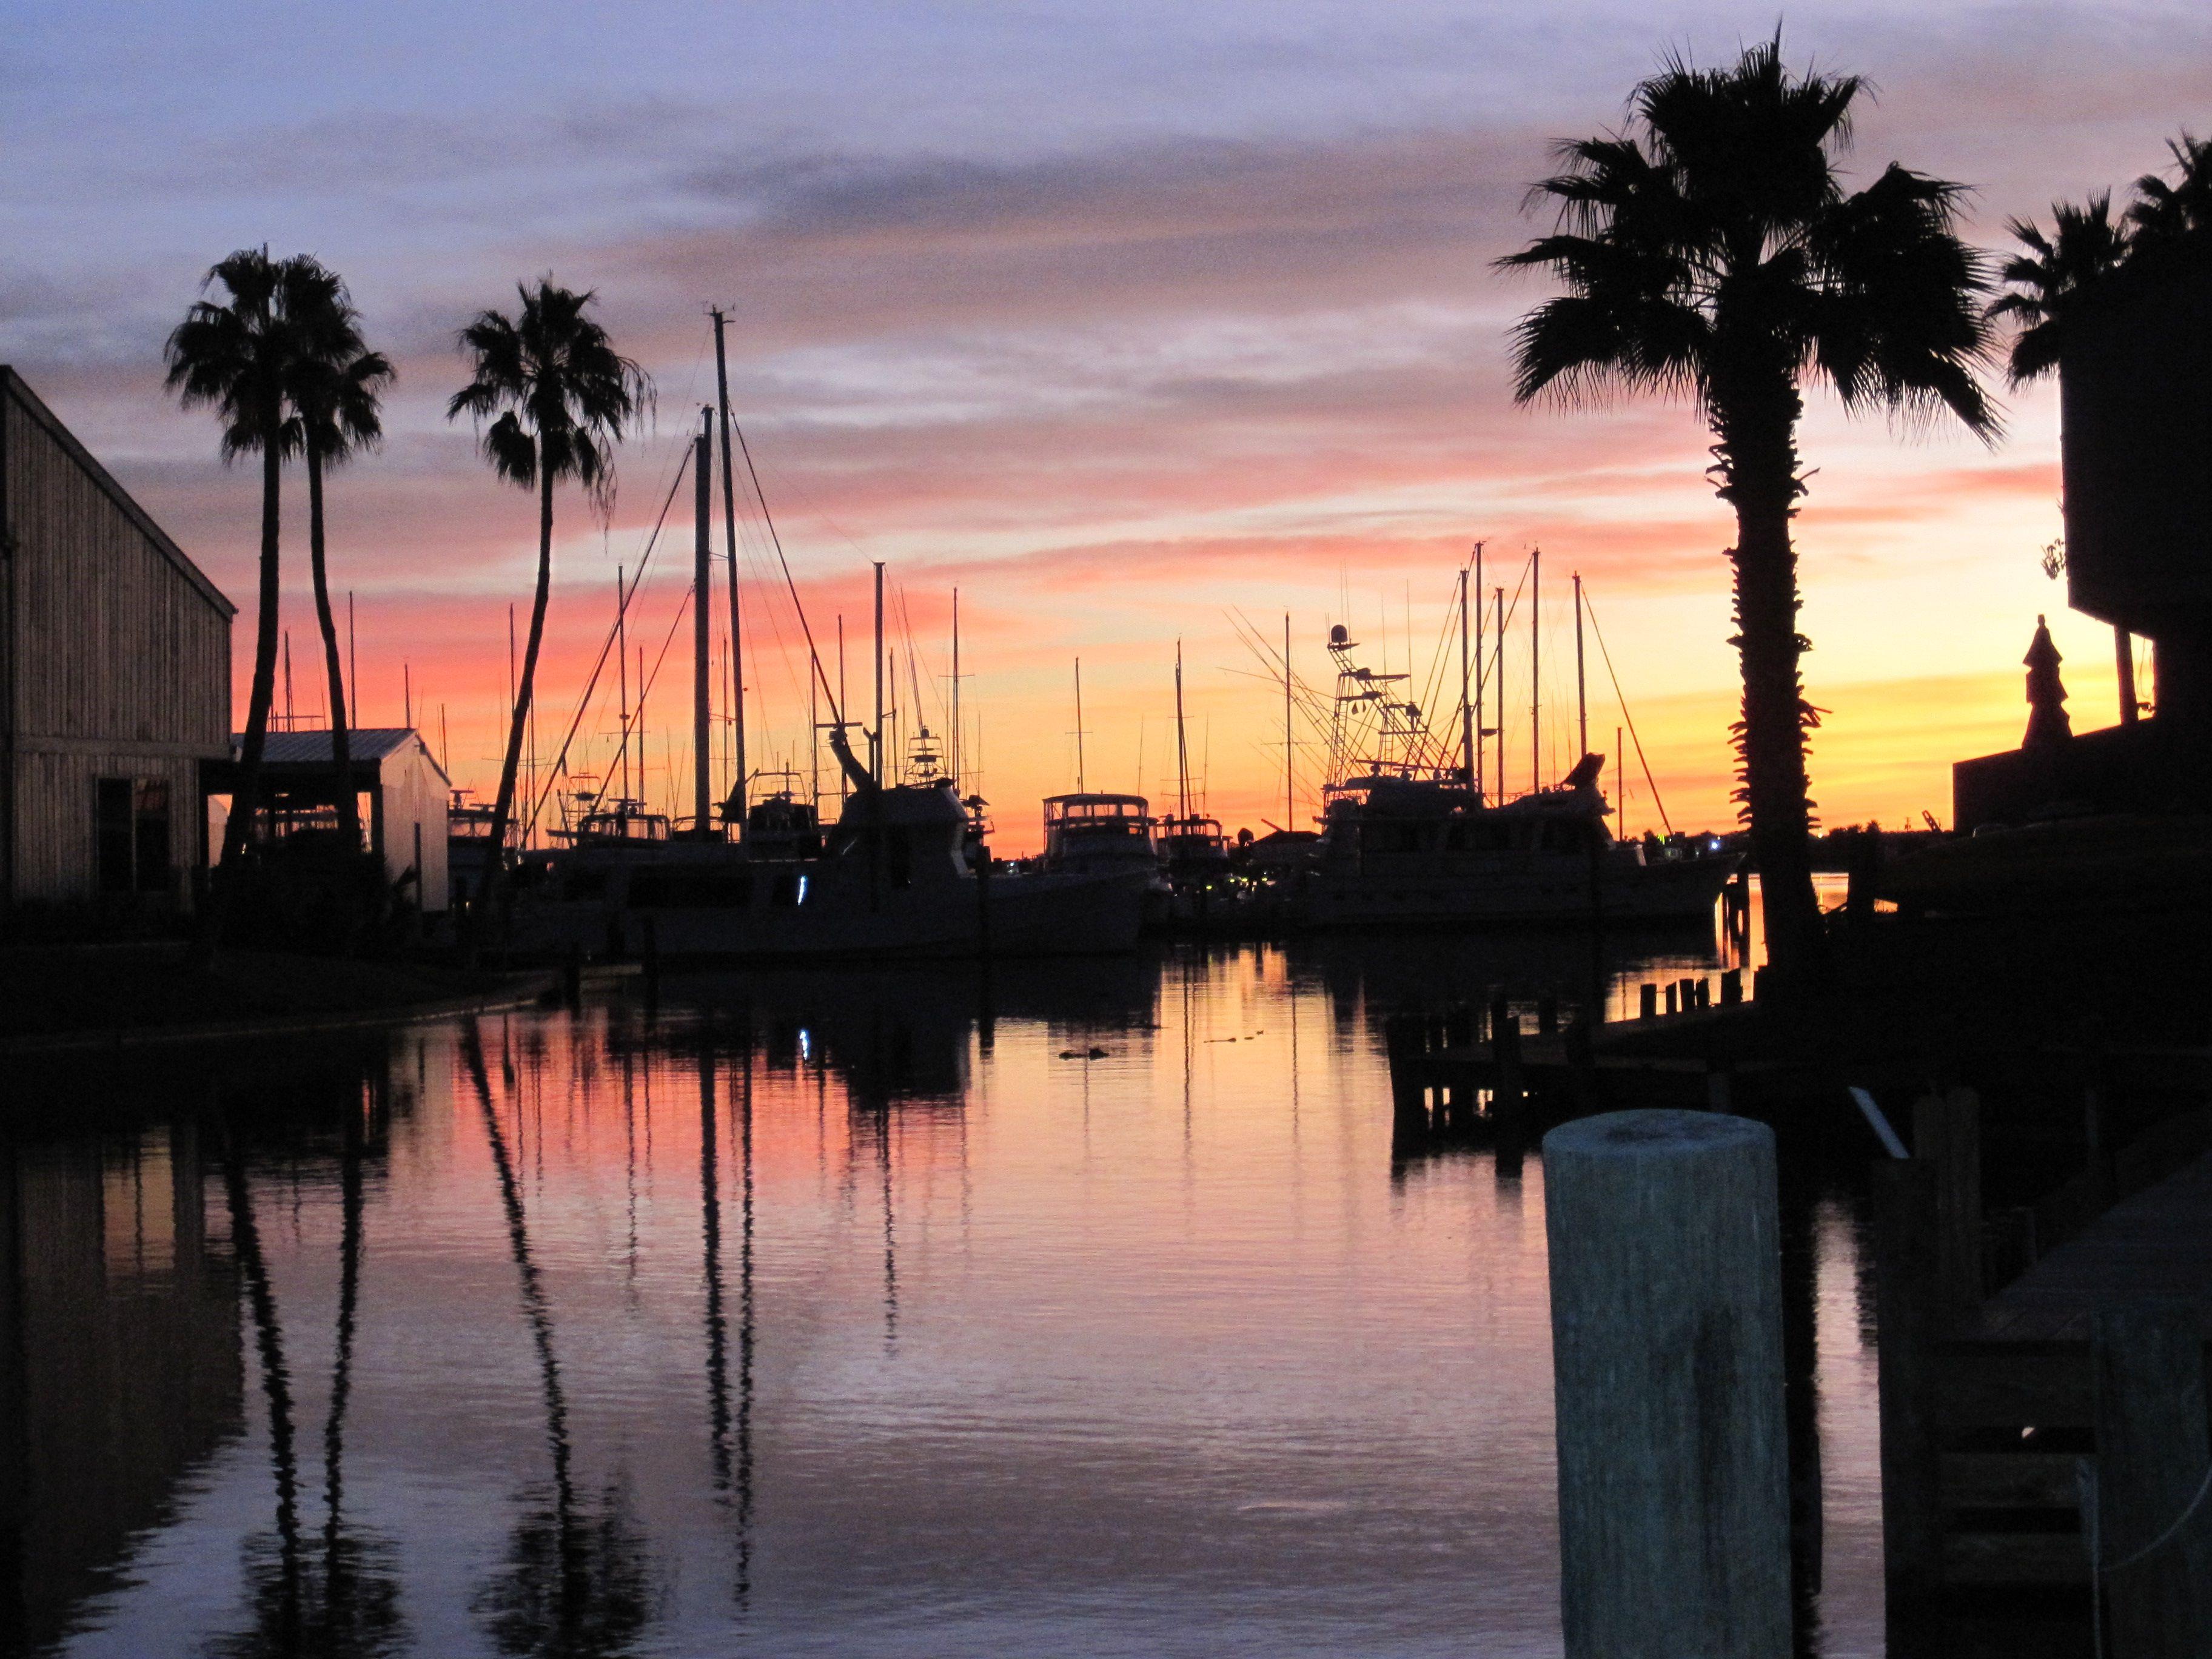 Sunset Key Allegro Marina Vacation Love Rockport